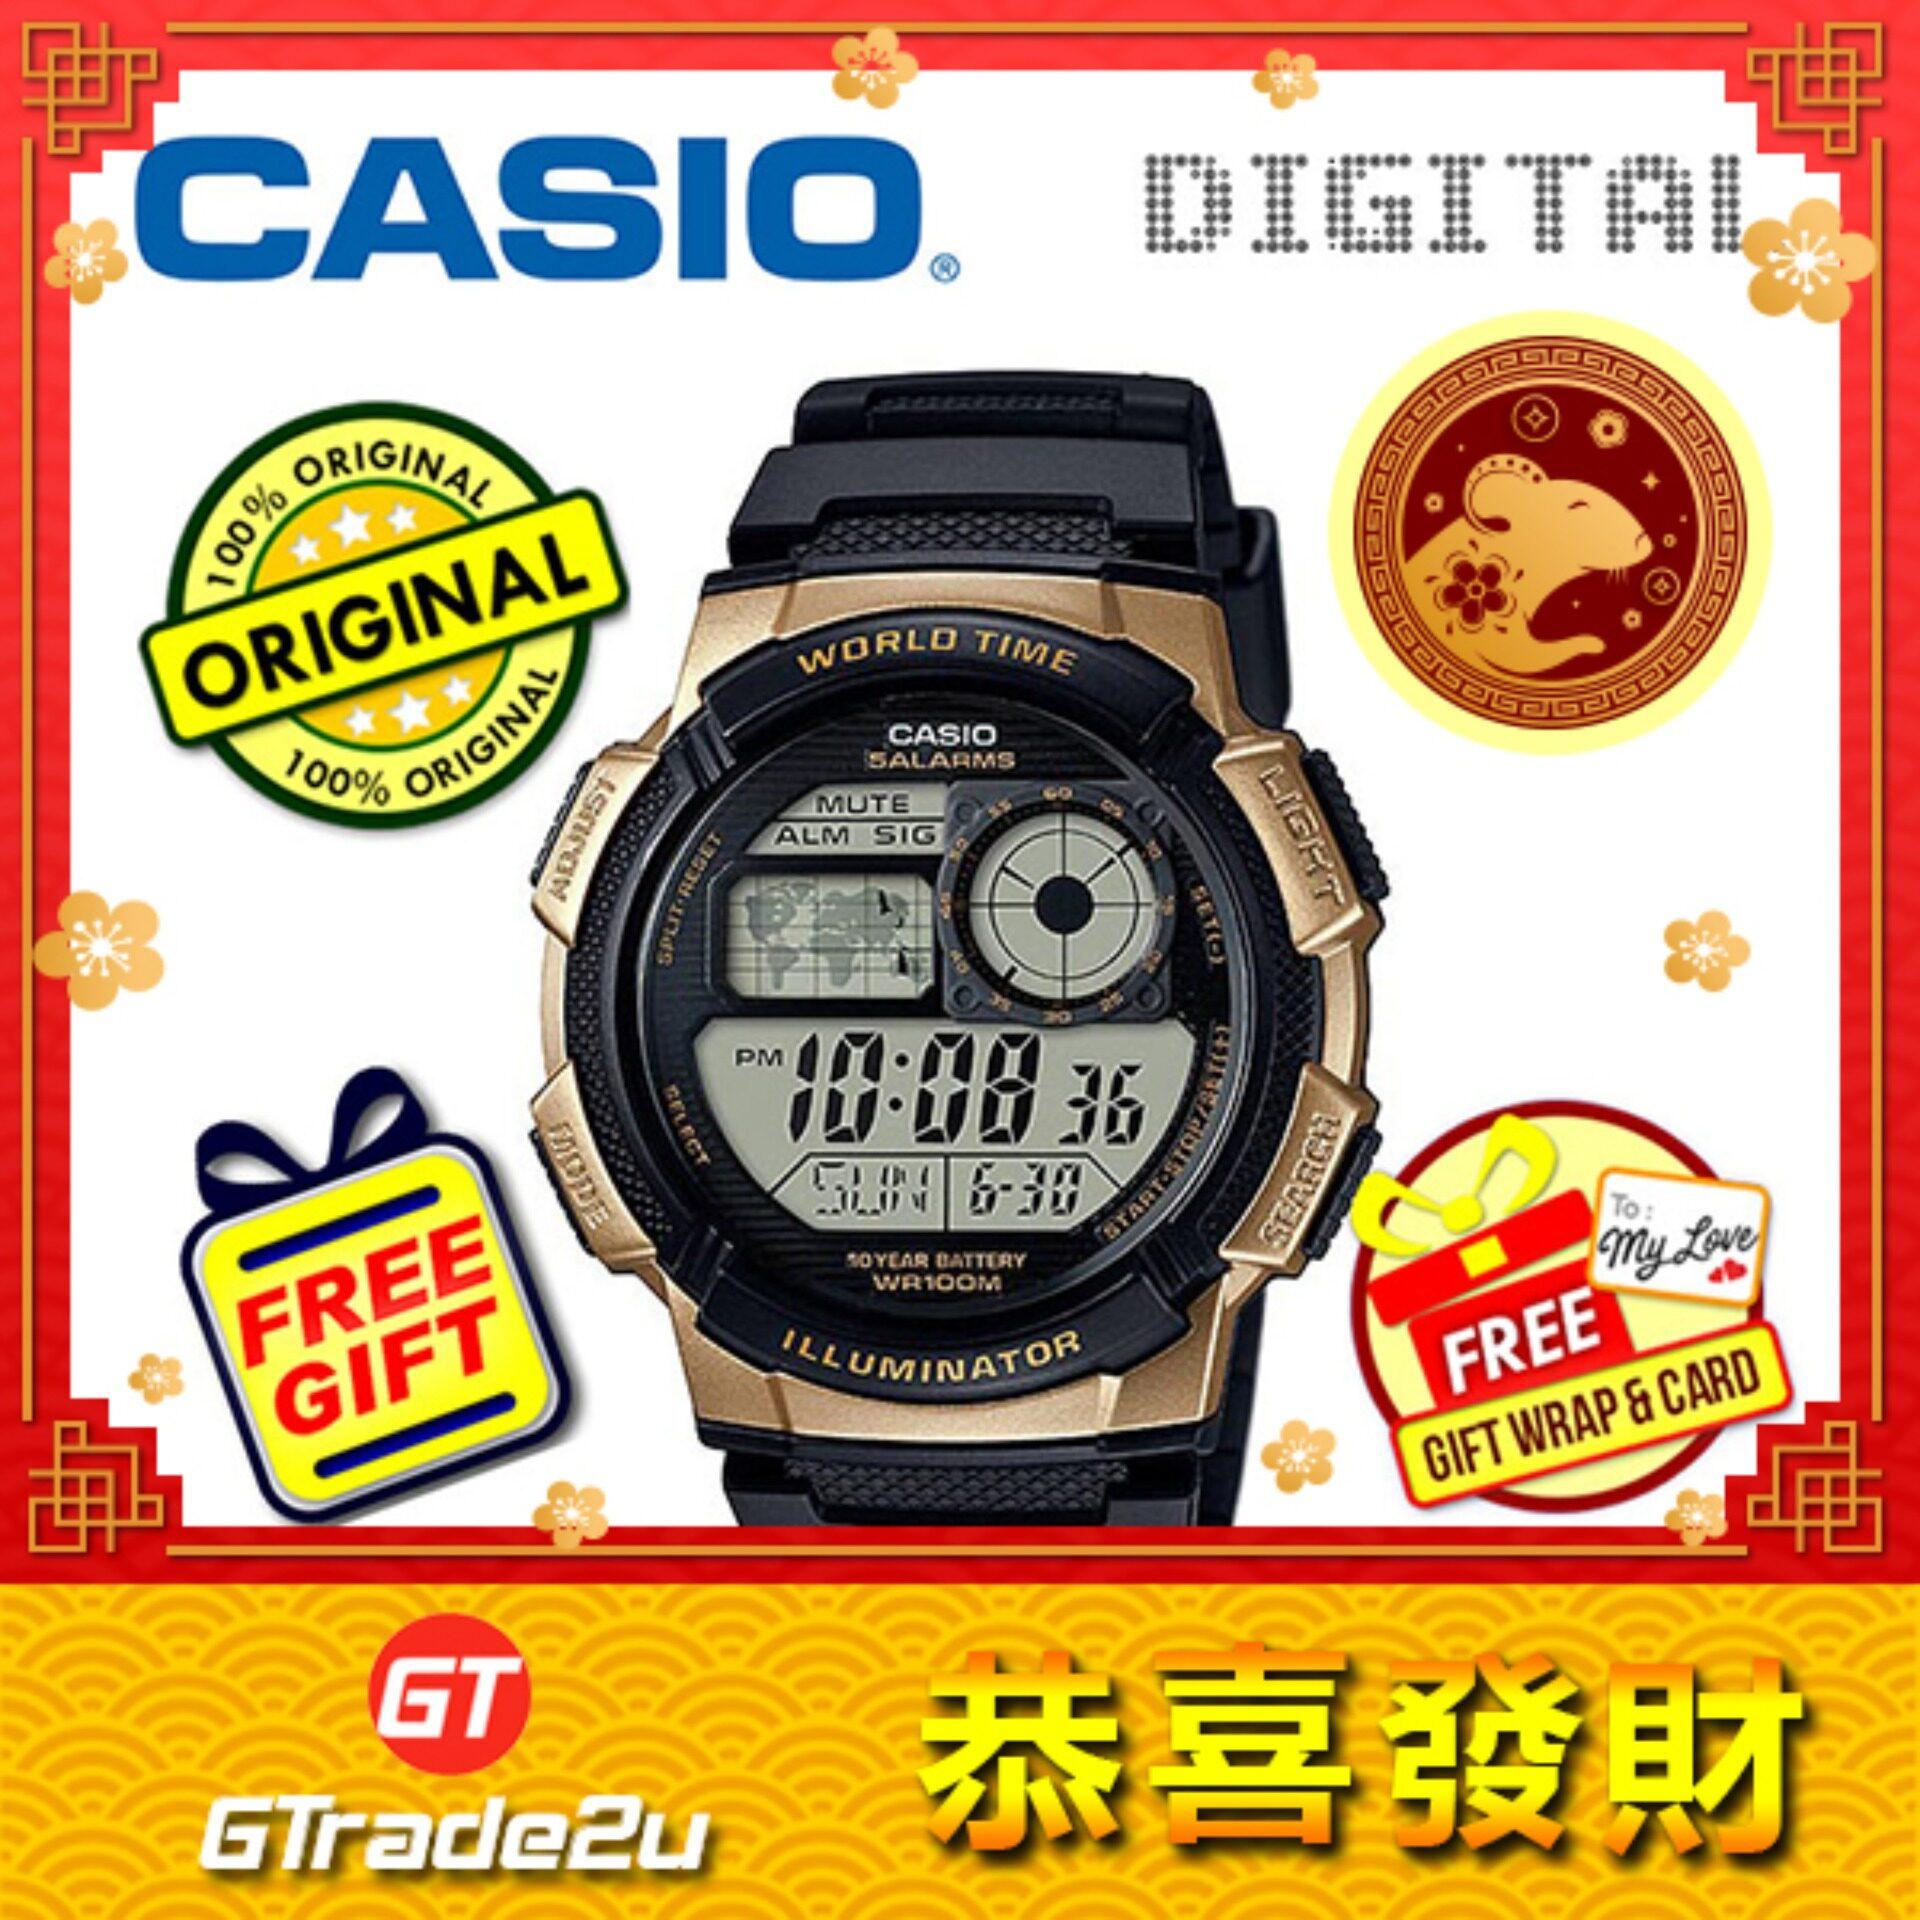 CASIO STANDARD AE-1000W-1A3V Digital Watch - 10 Yrs Batt. WR100M watch for man jam tangan lelaki Malaysia